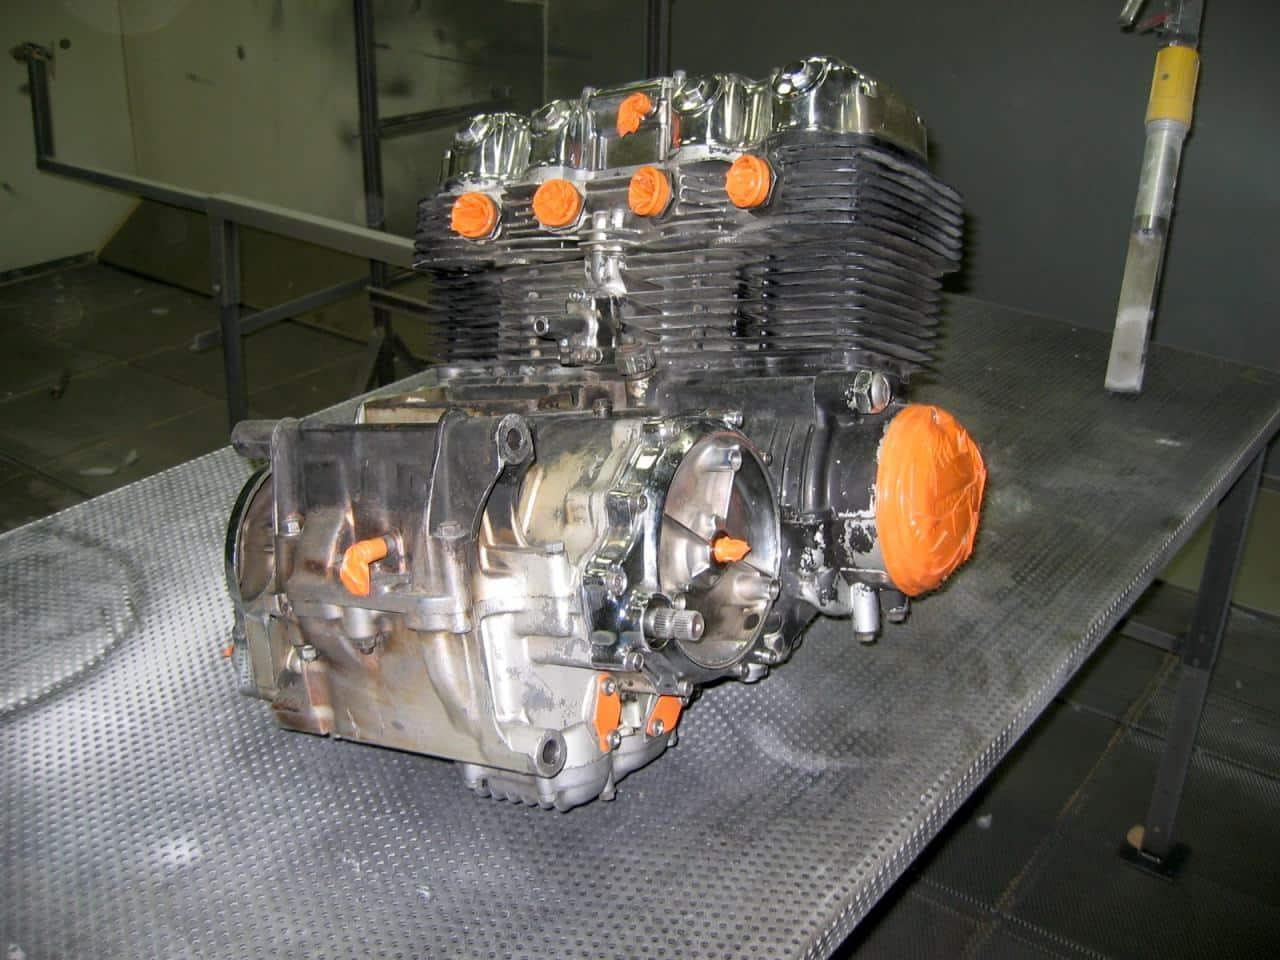 Nettoyage et d graissage moteur sec sans produit chimique for Nettoyer de la fonte